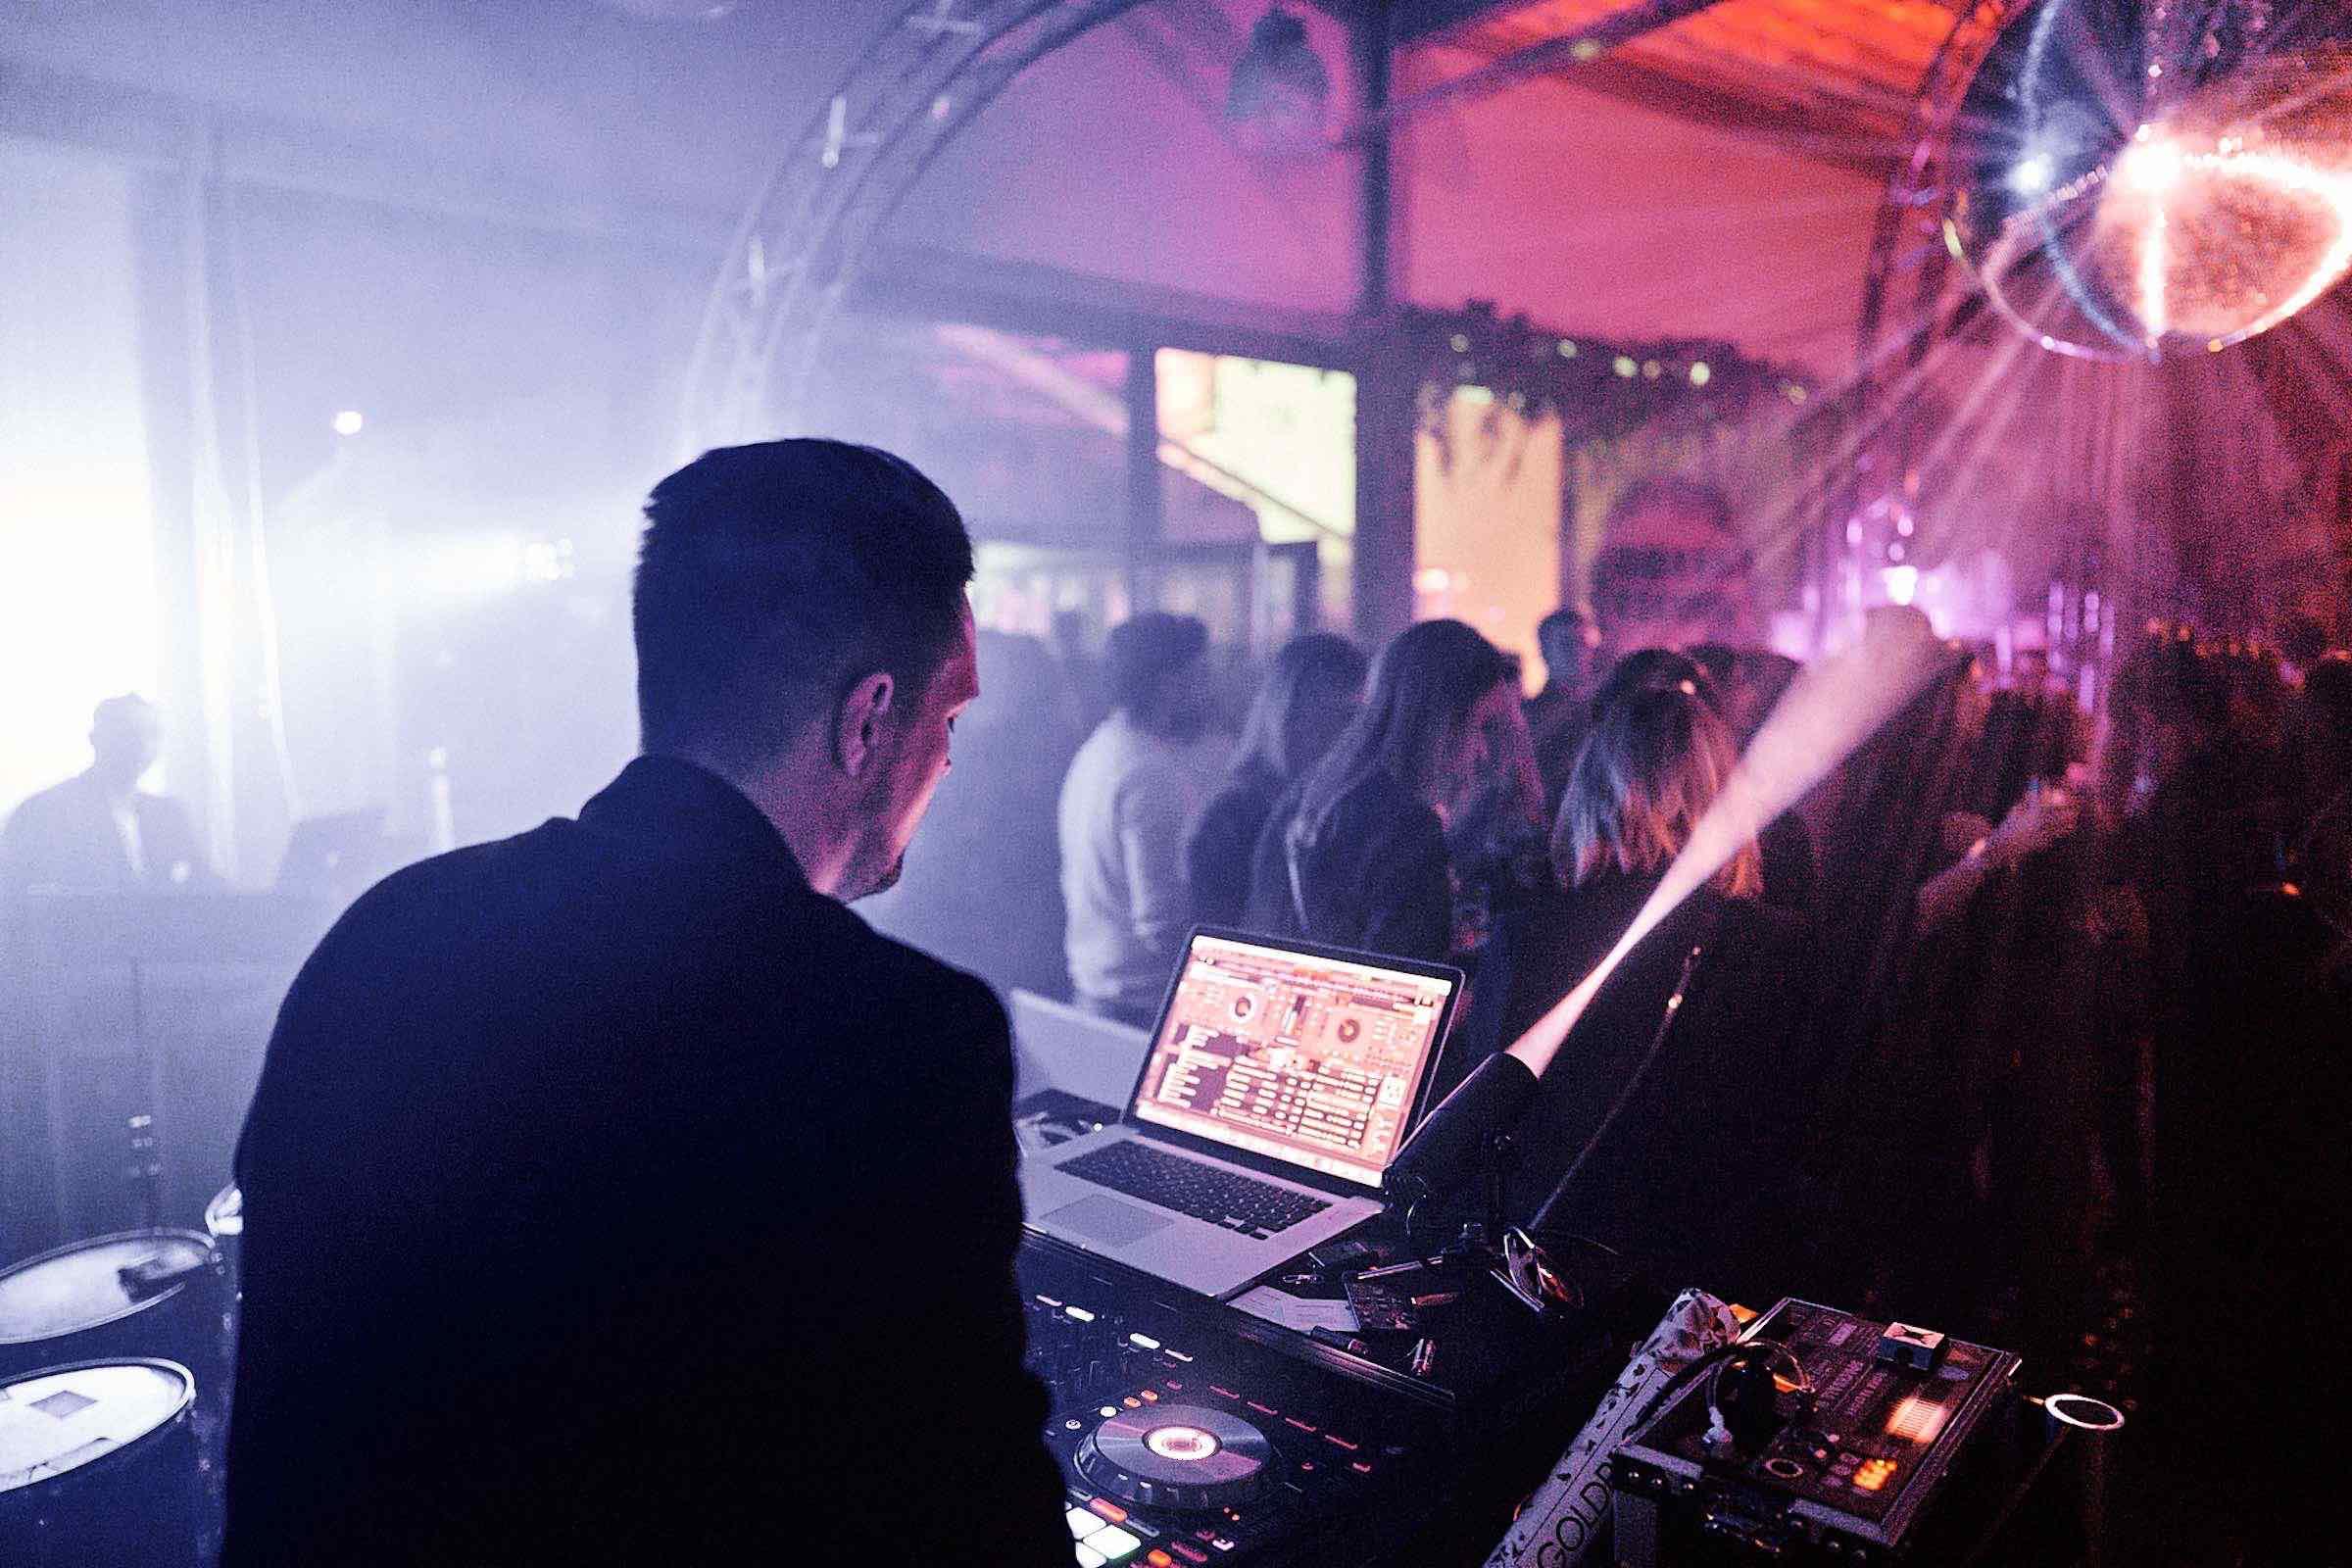 DJ | Hamburg | Hochzeit | DJ | Timm | Messe | DJ | Event | DJ | Geburtstag | DJ | Buchen | DJ | Hamburg | DJ | Mieten | Anfragen | DJ | Agentur | DJ | Service | Hamburgfeiert